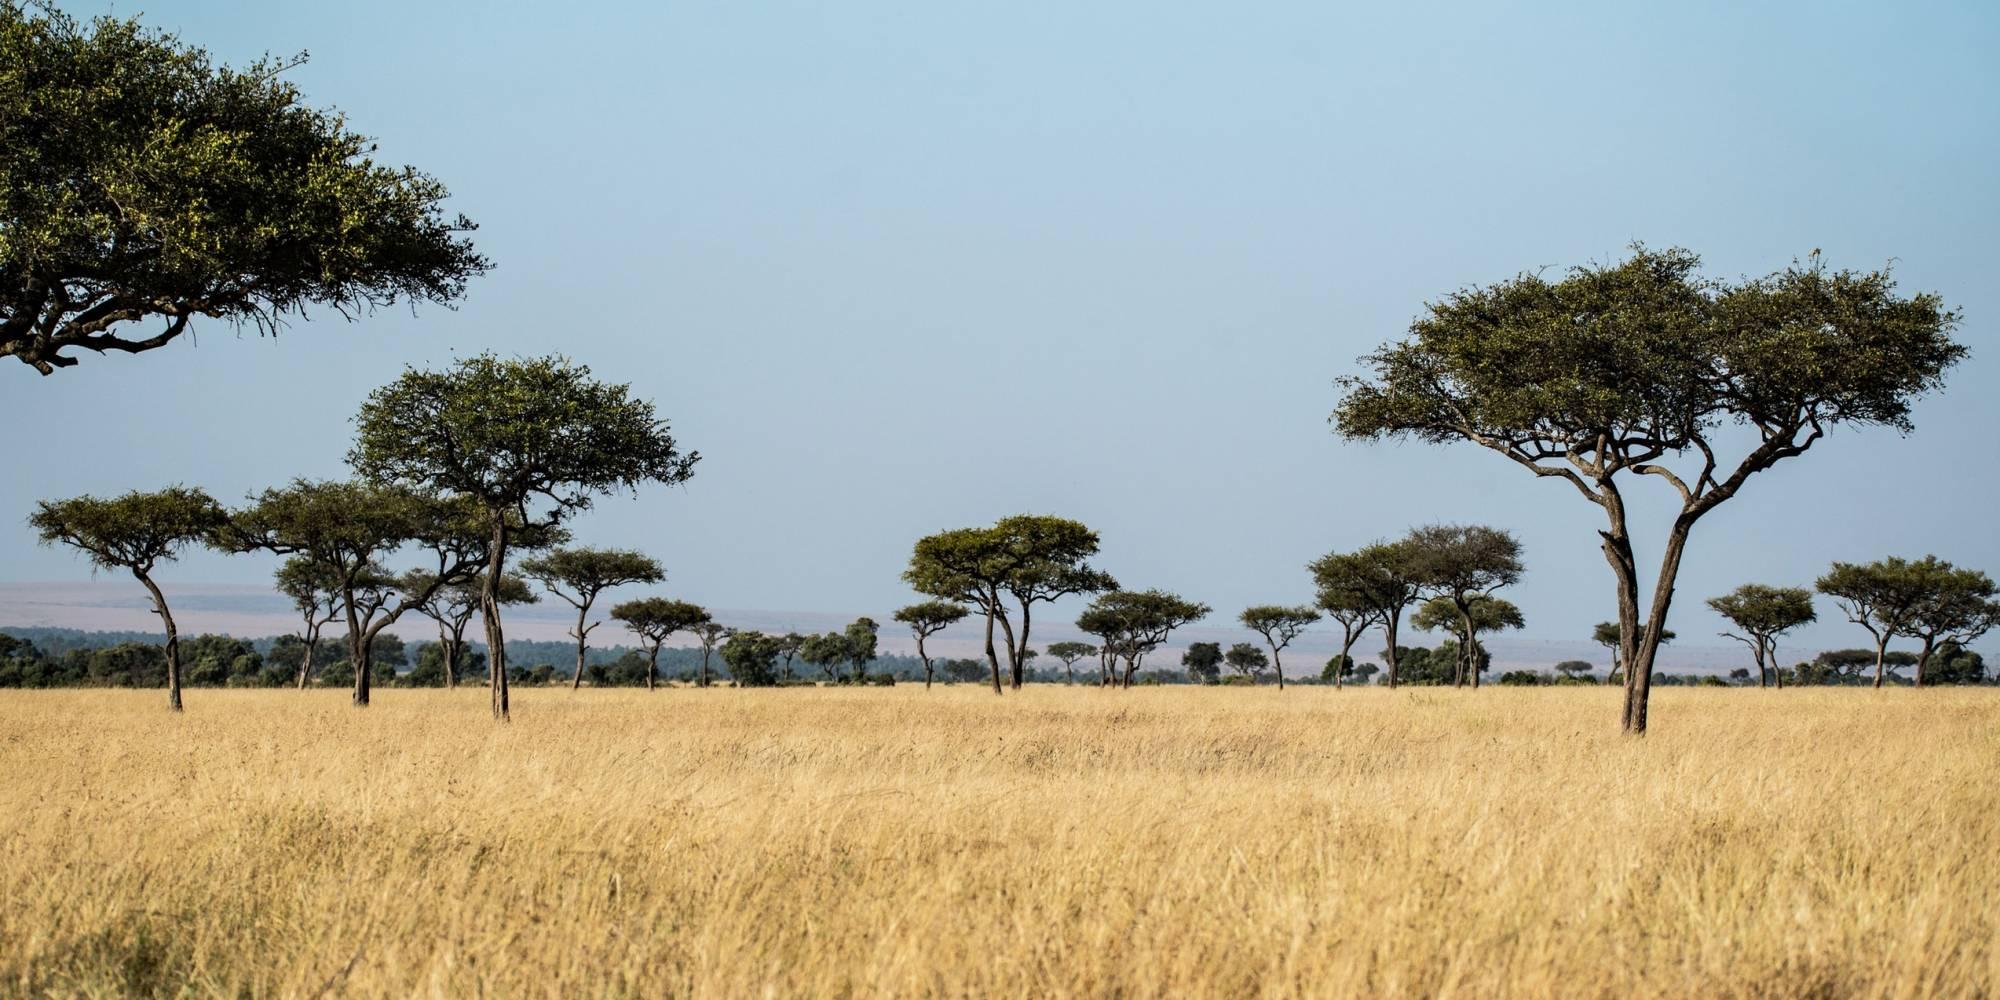 La sabana abierta de África dio vida a la diversidad de organismos